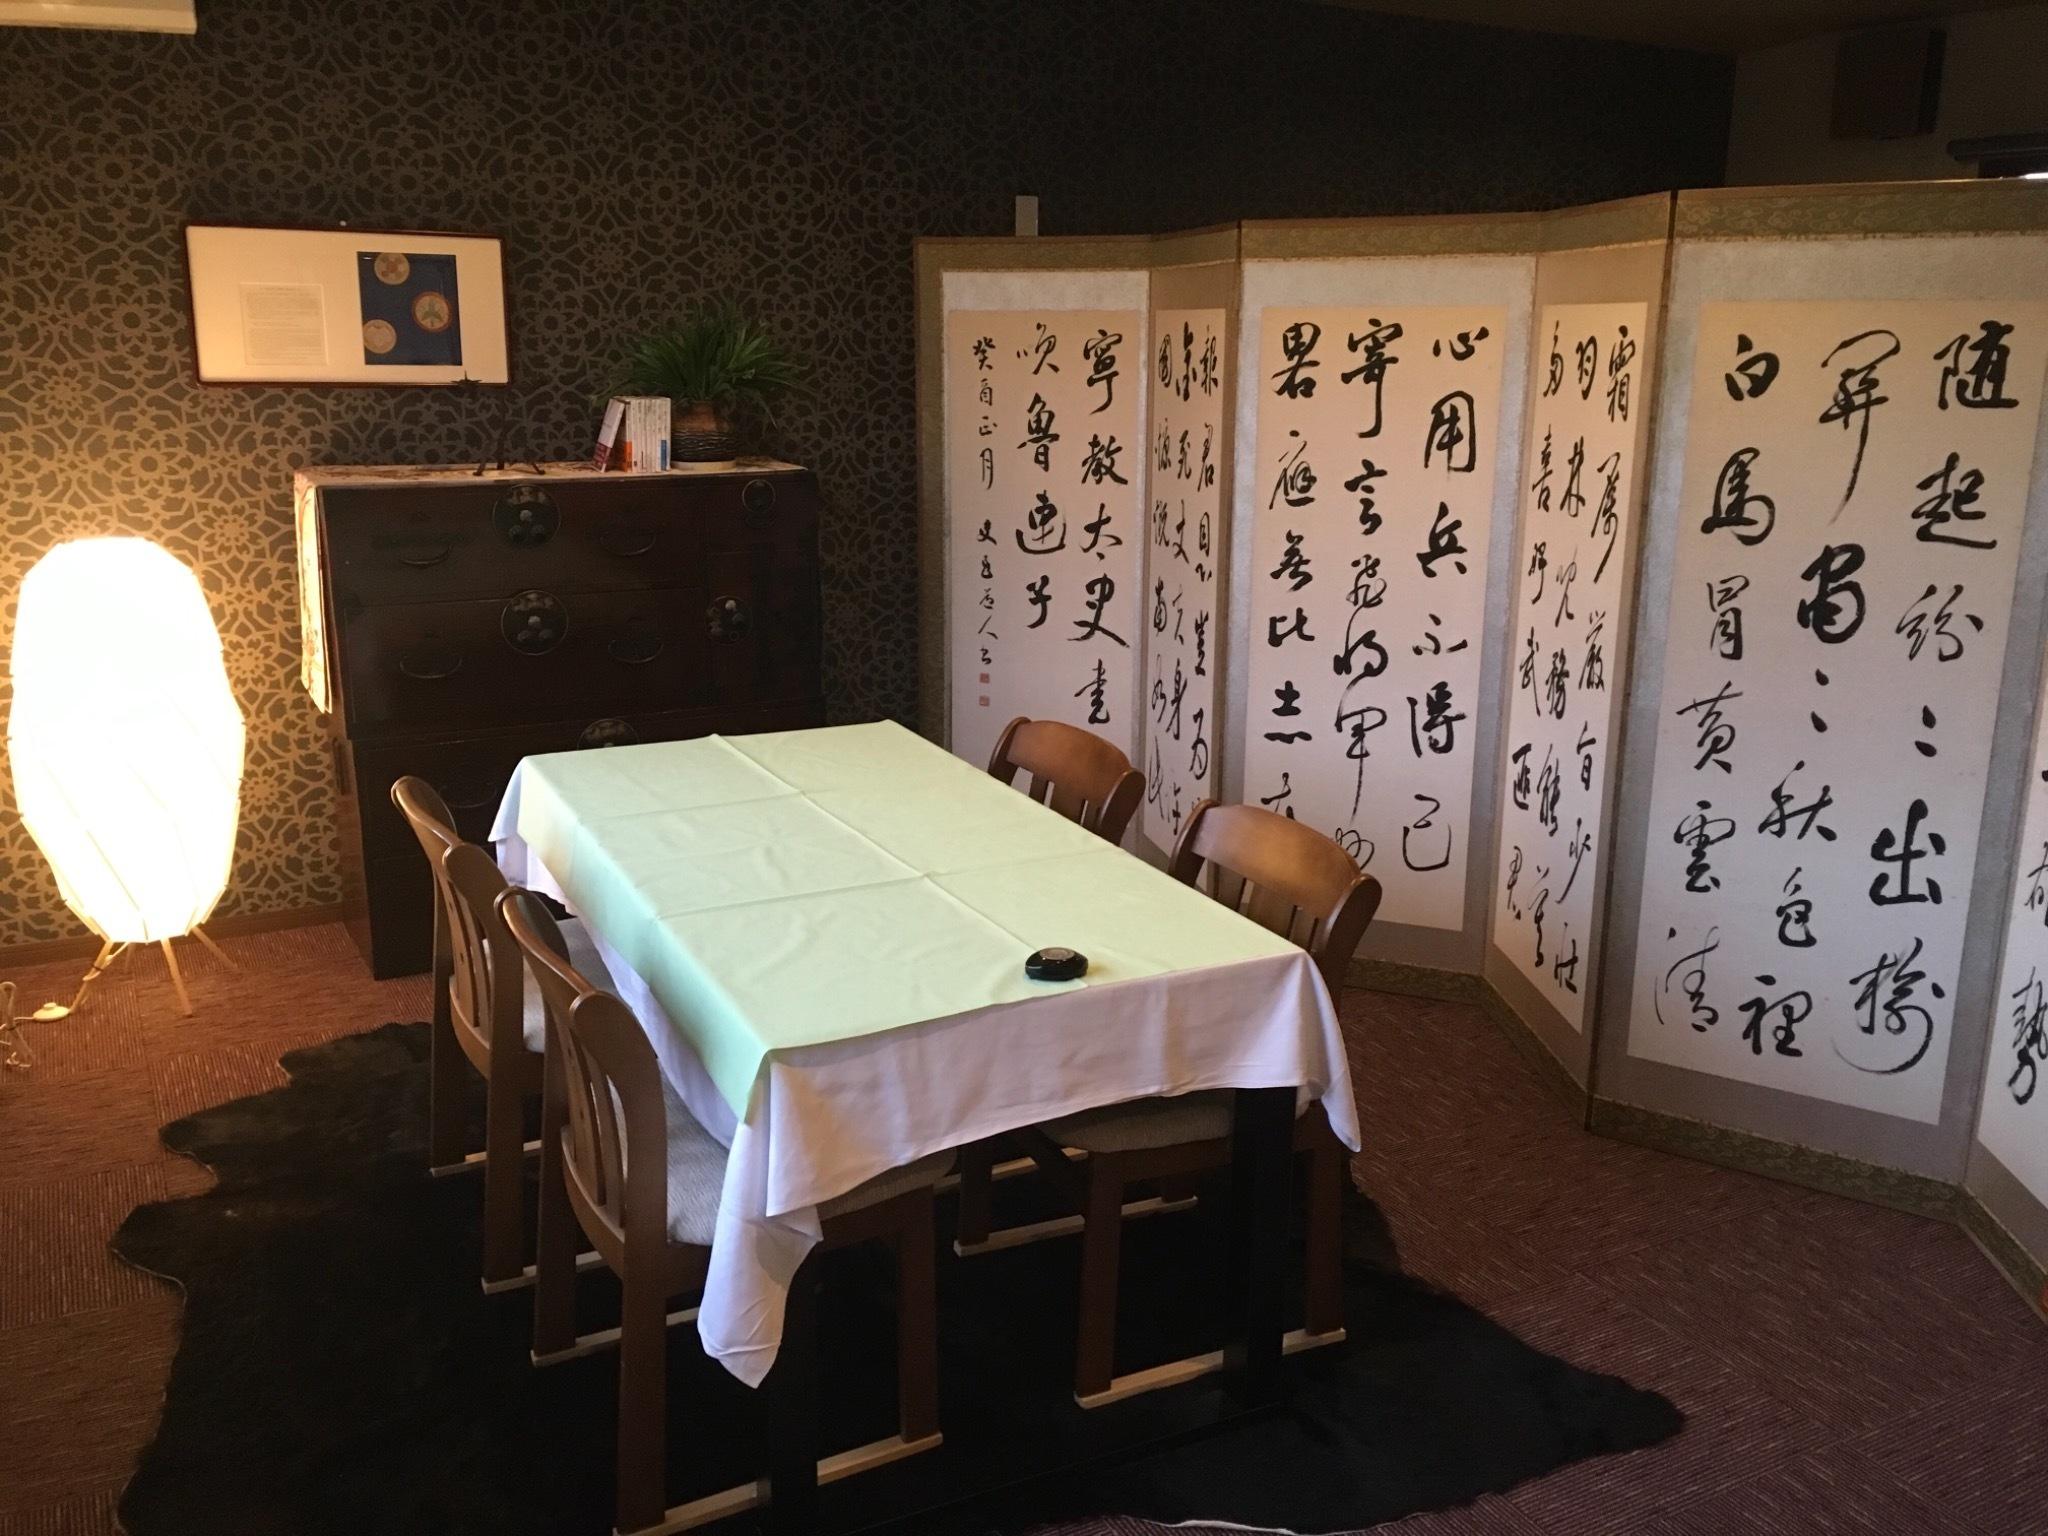 和モダンなデザインで清潔感のある洋室 「徳」の間